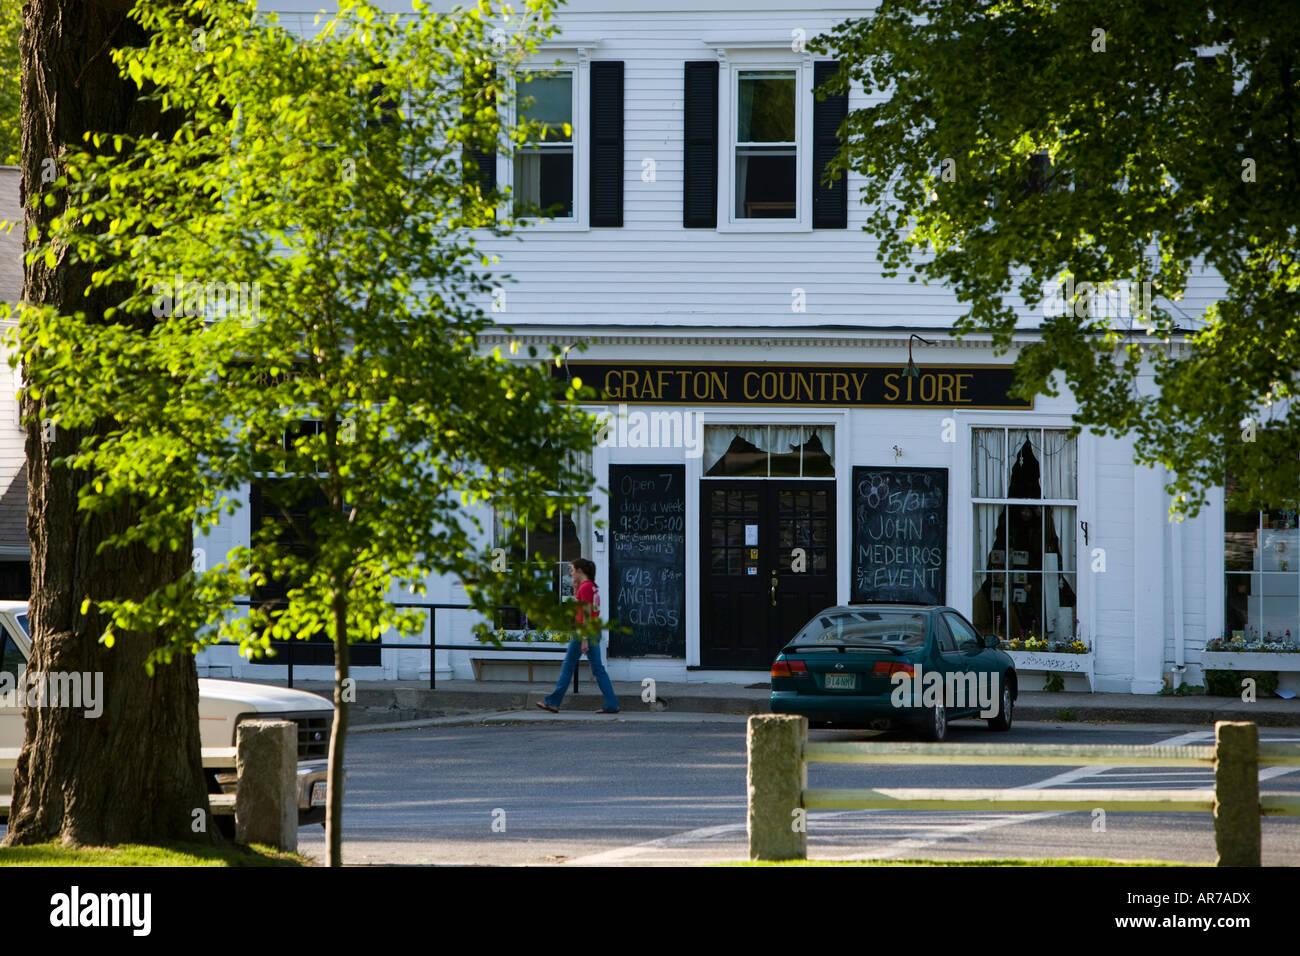 Le Grafton Country Store sur la ville commune dans Grafton, Massachusetts. Banque D'Images